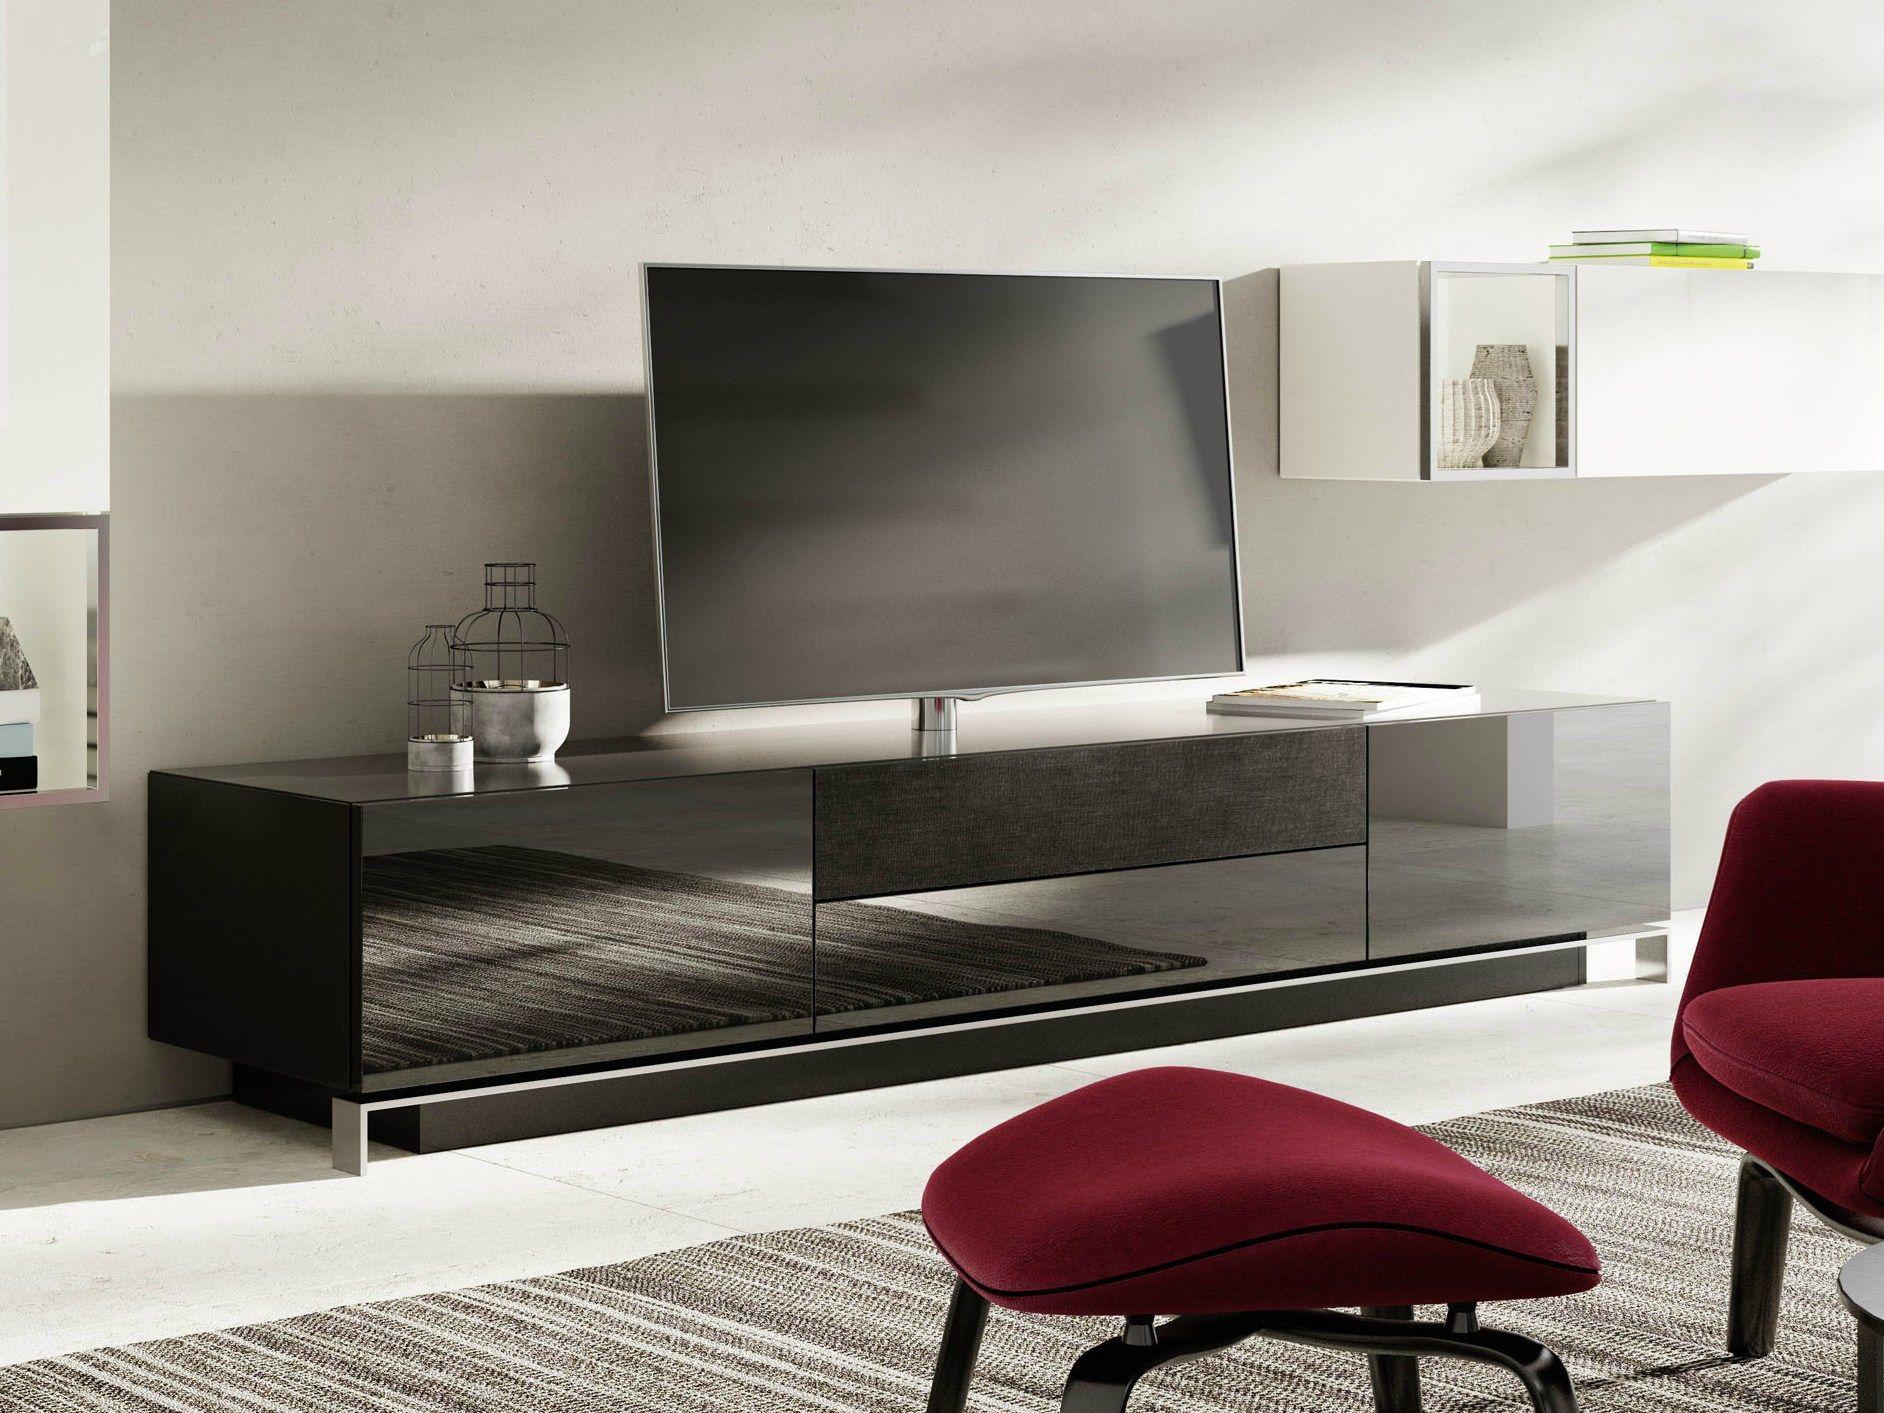 Wohnzimmermöbel Hülsta ~ Wohnwand in grau nussbaumfarben hülsta möbel wohnzimmer und